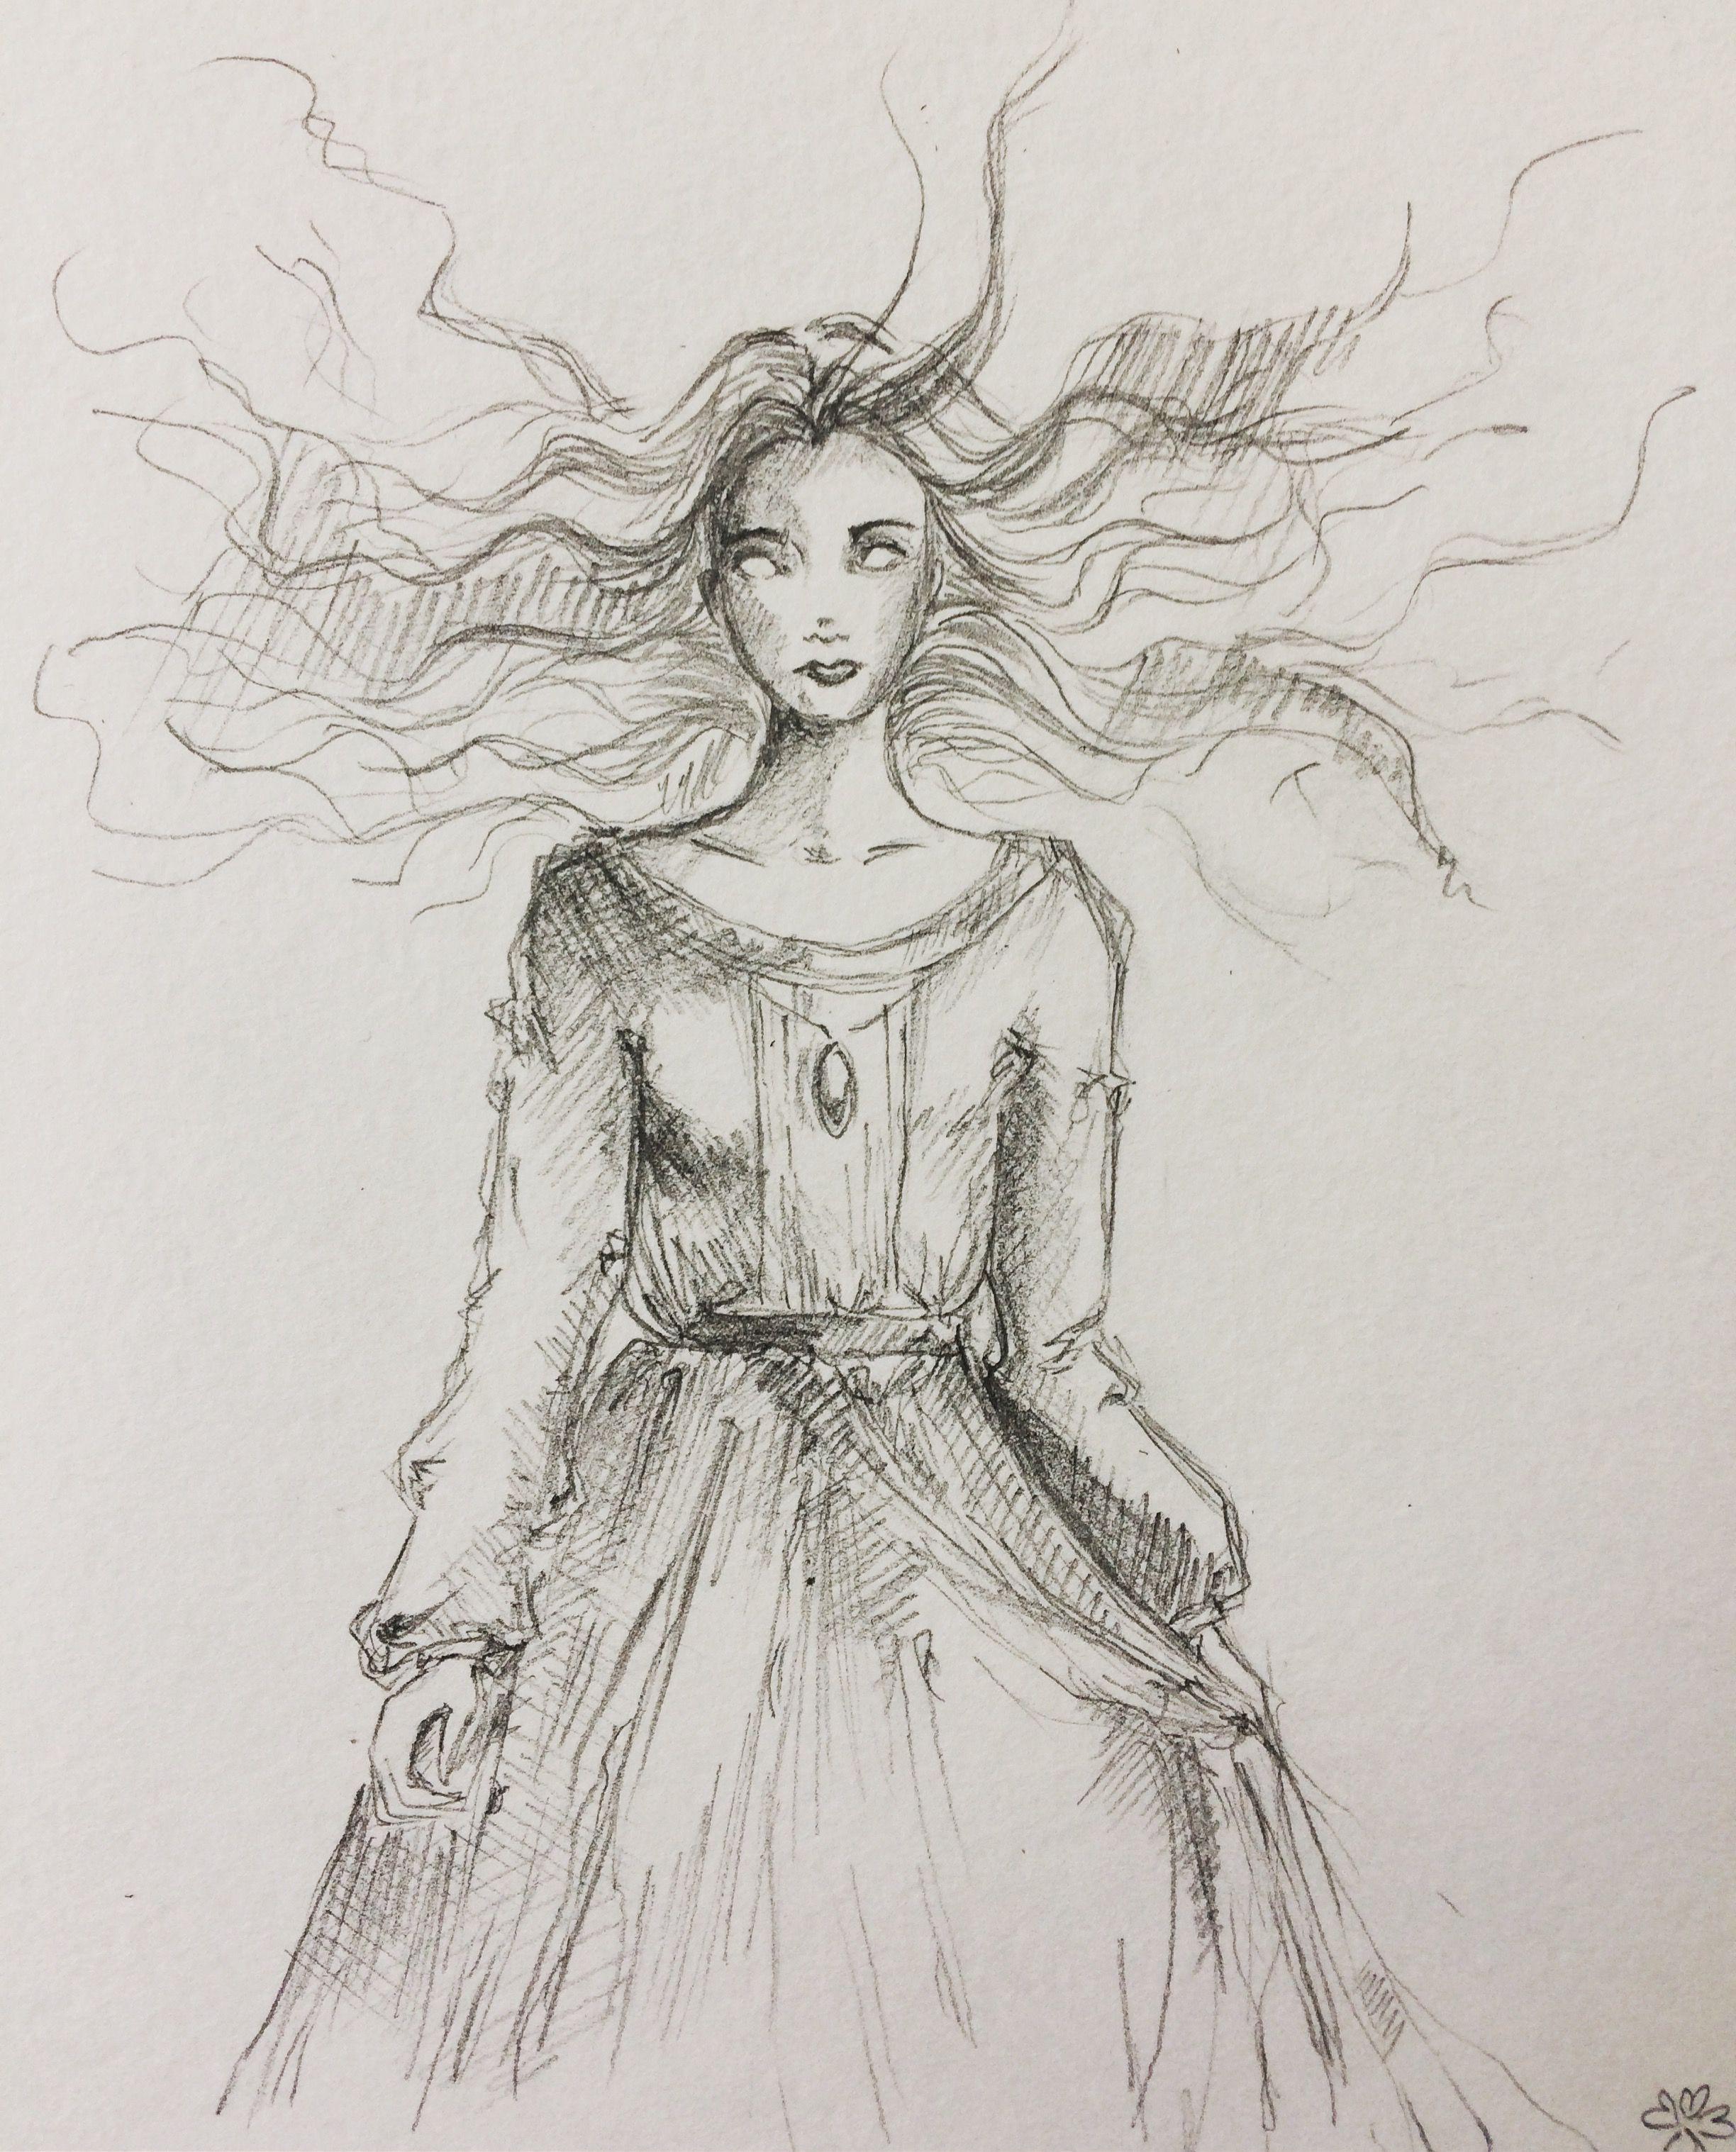 banner transparent Pencil sketch chibi art. Banshee drawing lydia